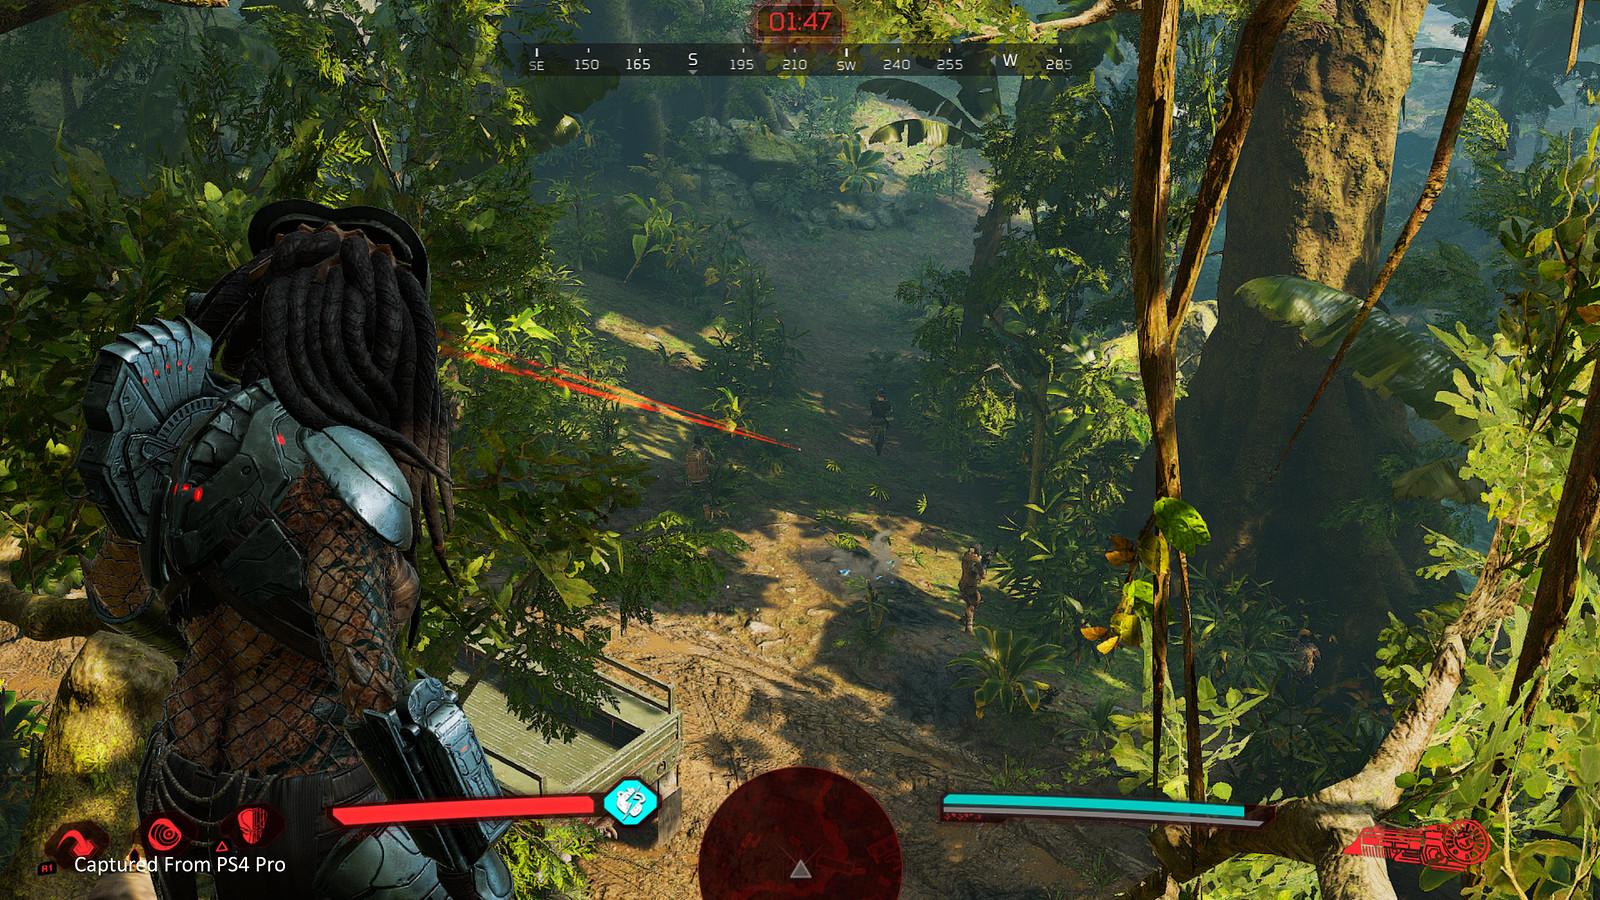 49697715558 629c870cb5 h - Mit diesen Gameplay-Tipps seid ihr gewappnet für das Testwochenende von Predator: Hunting Grounds